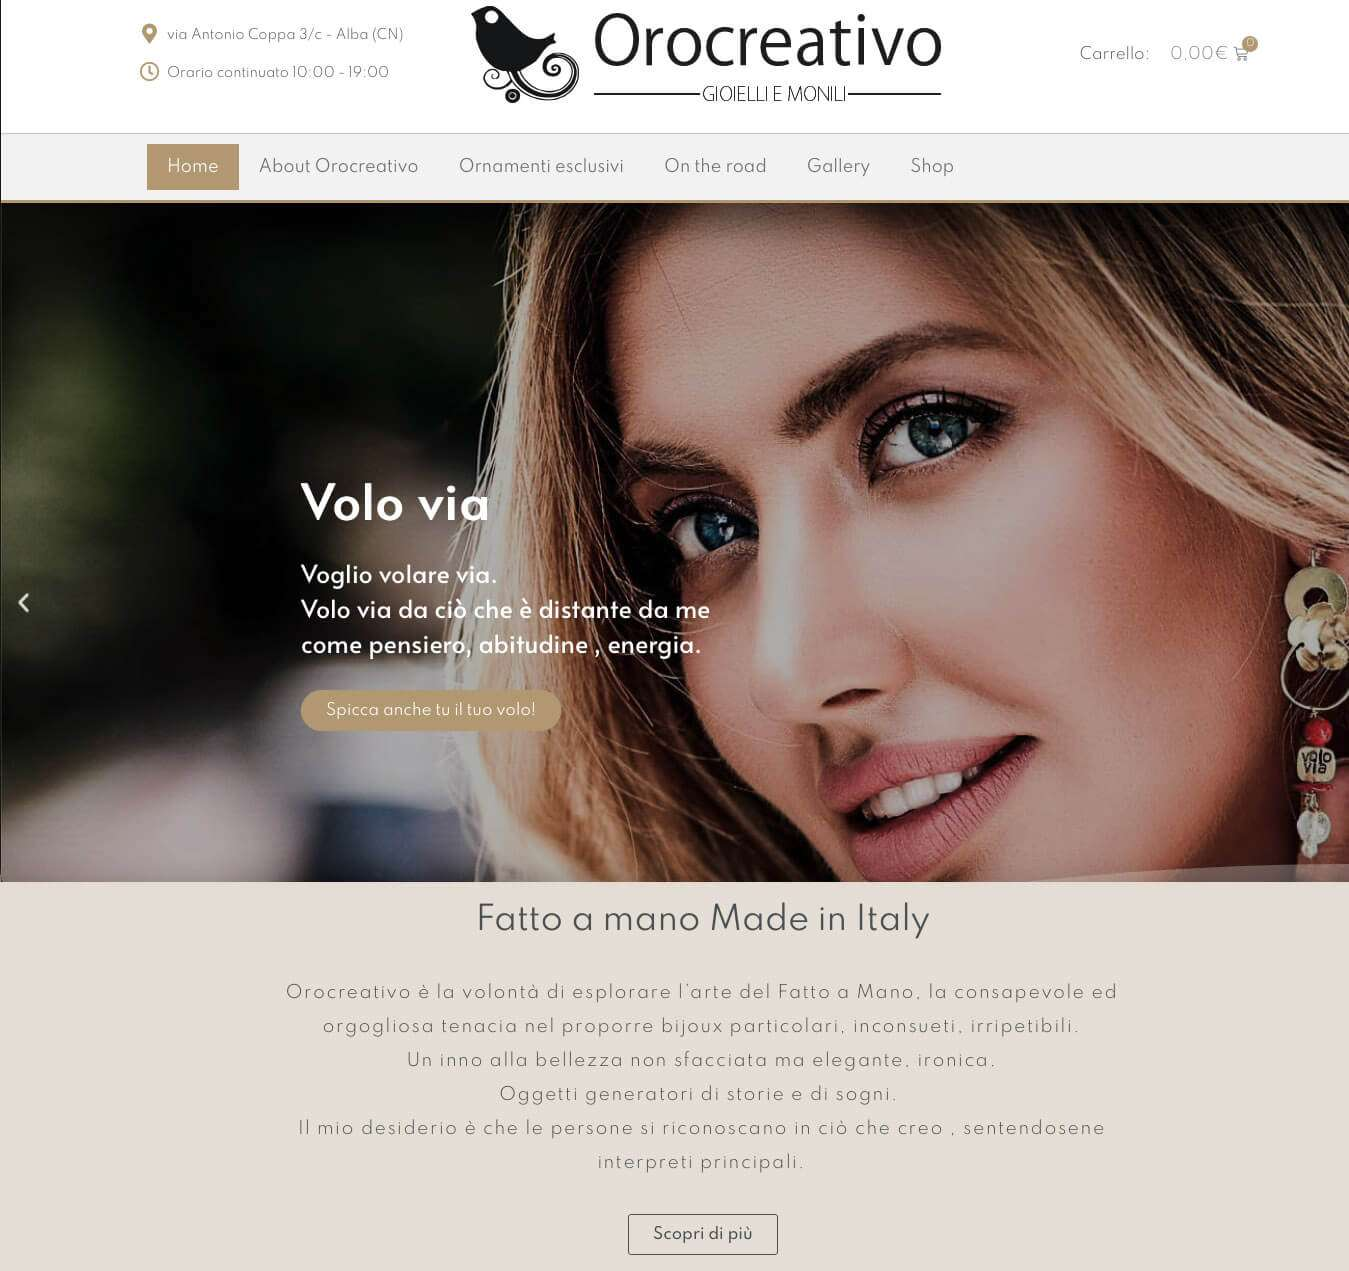 gioielli su misura online e-commerce Asti orocreativo Essetre